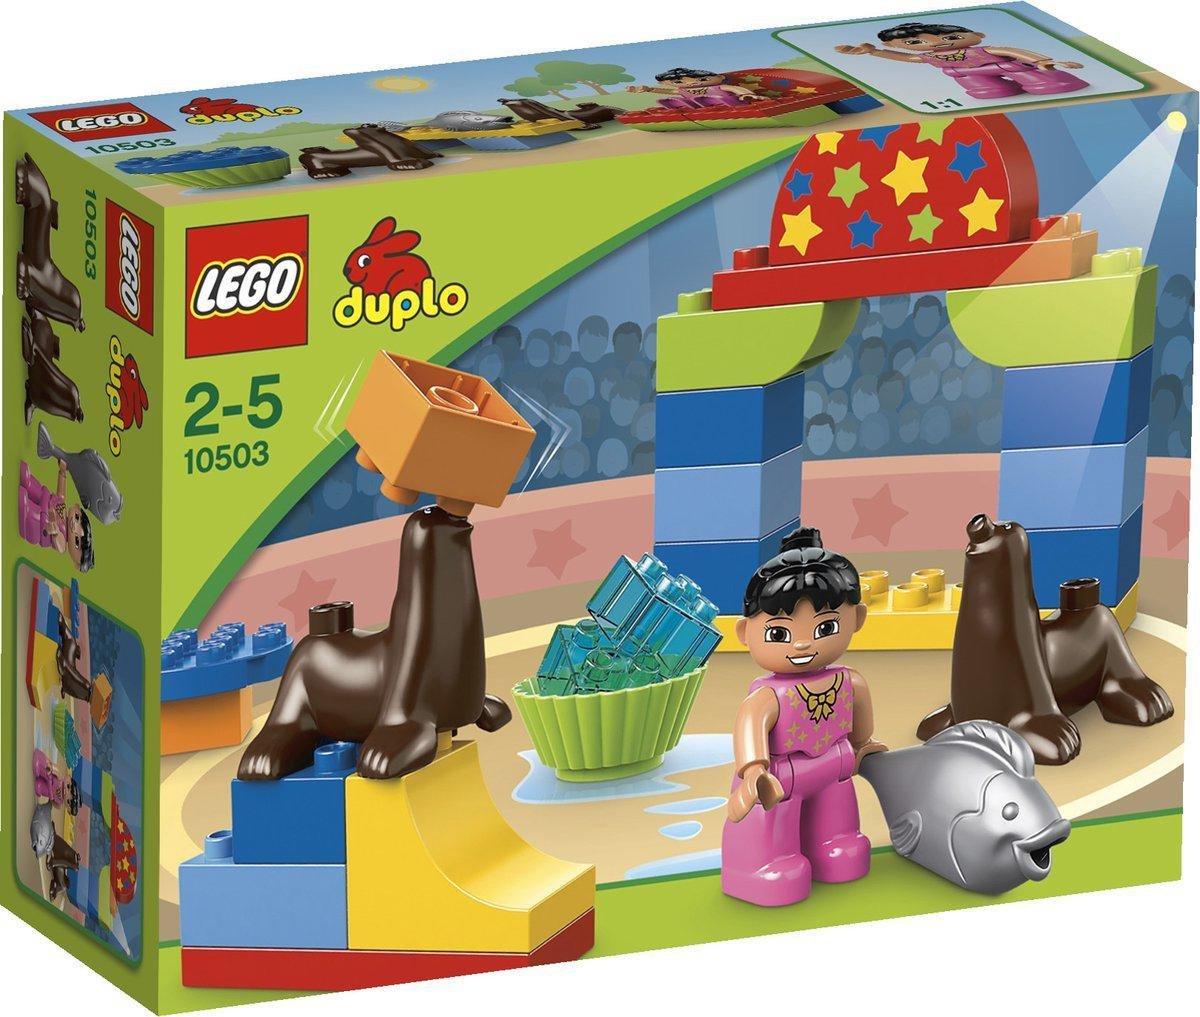 LEGO DUPLO Circus Show - 10503